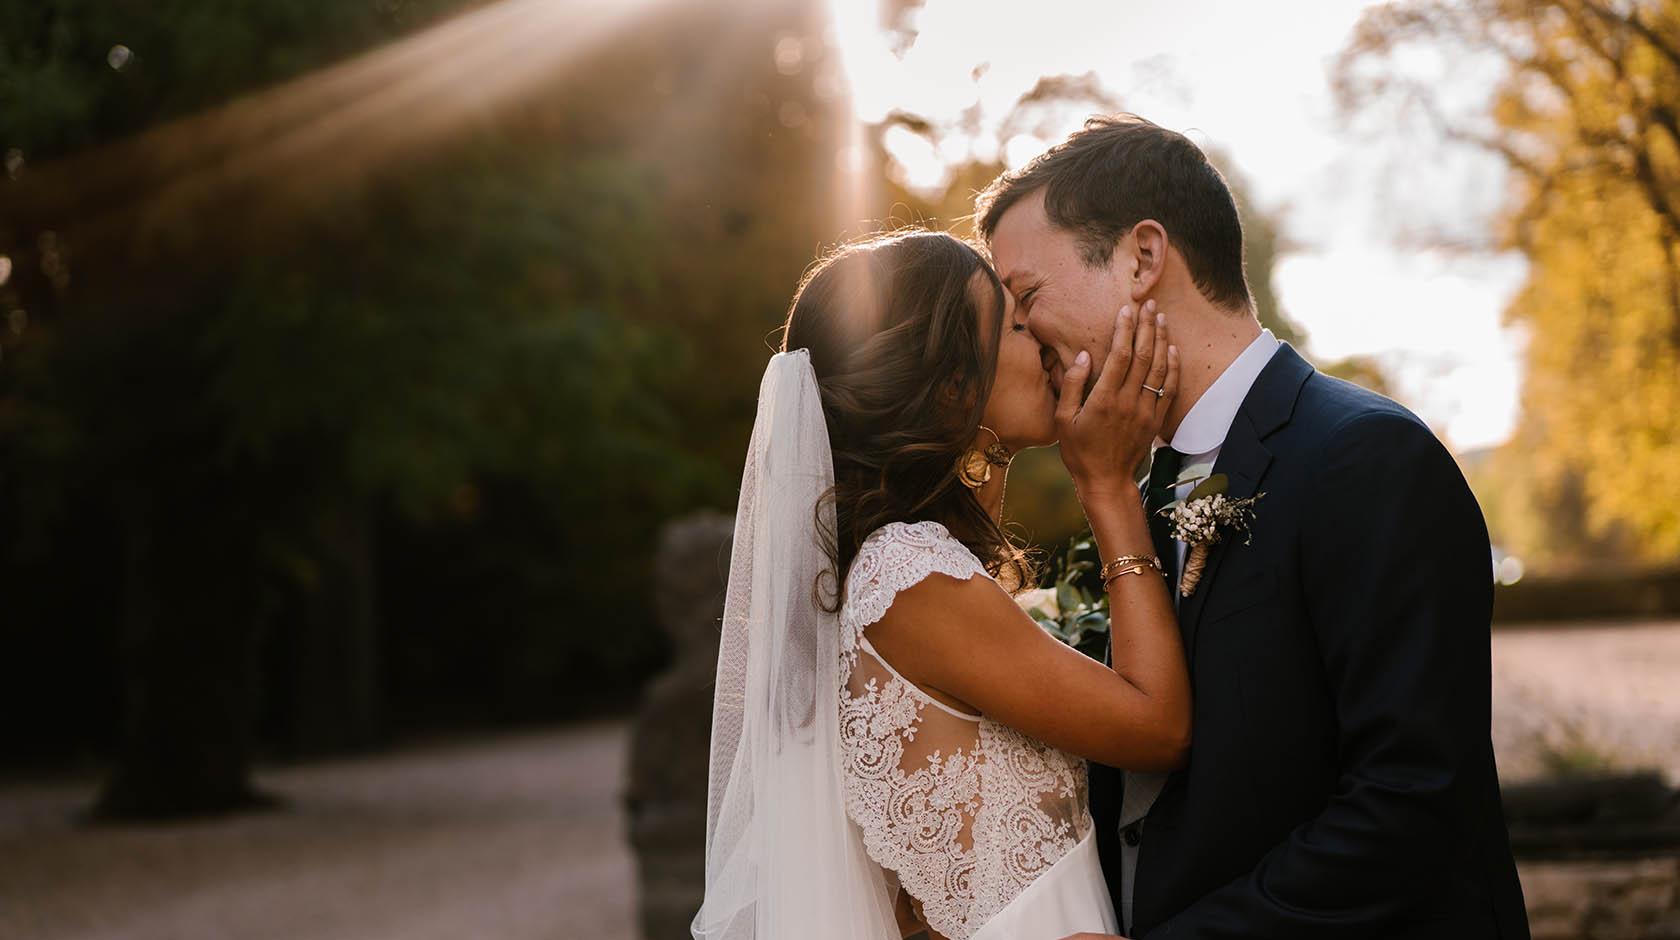 Tarifs photographe d'un reportage de mariage, en Auvergne, par Priscillia Hervier